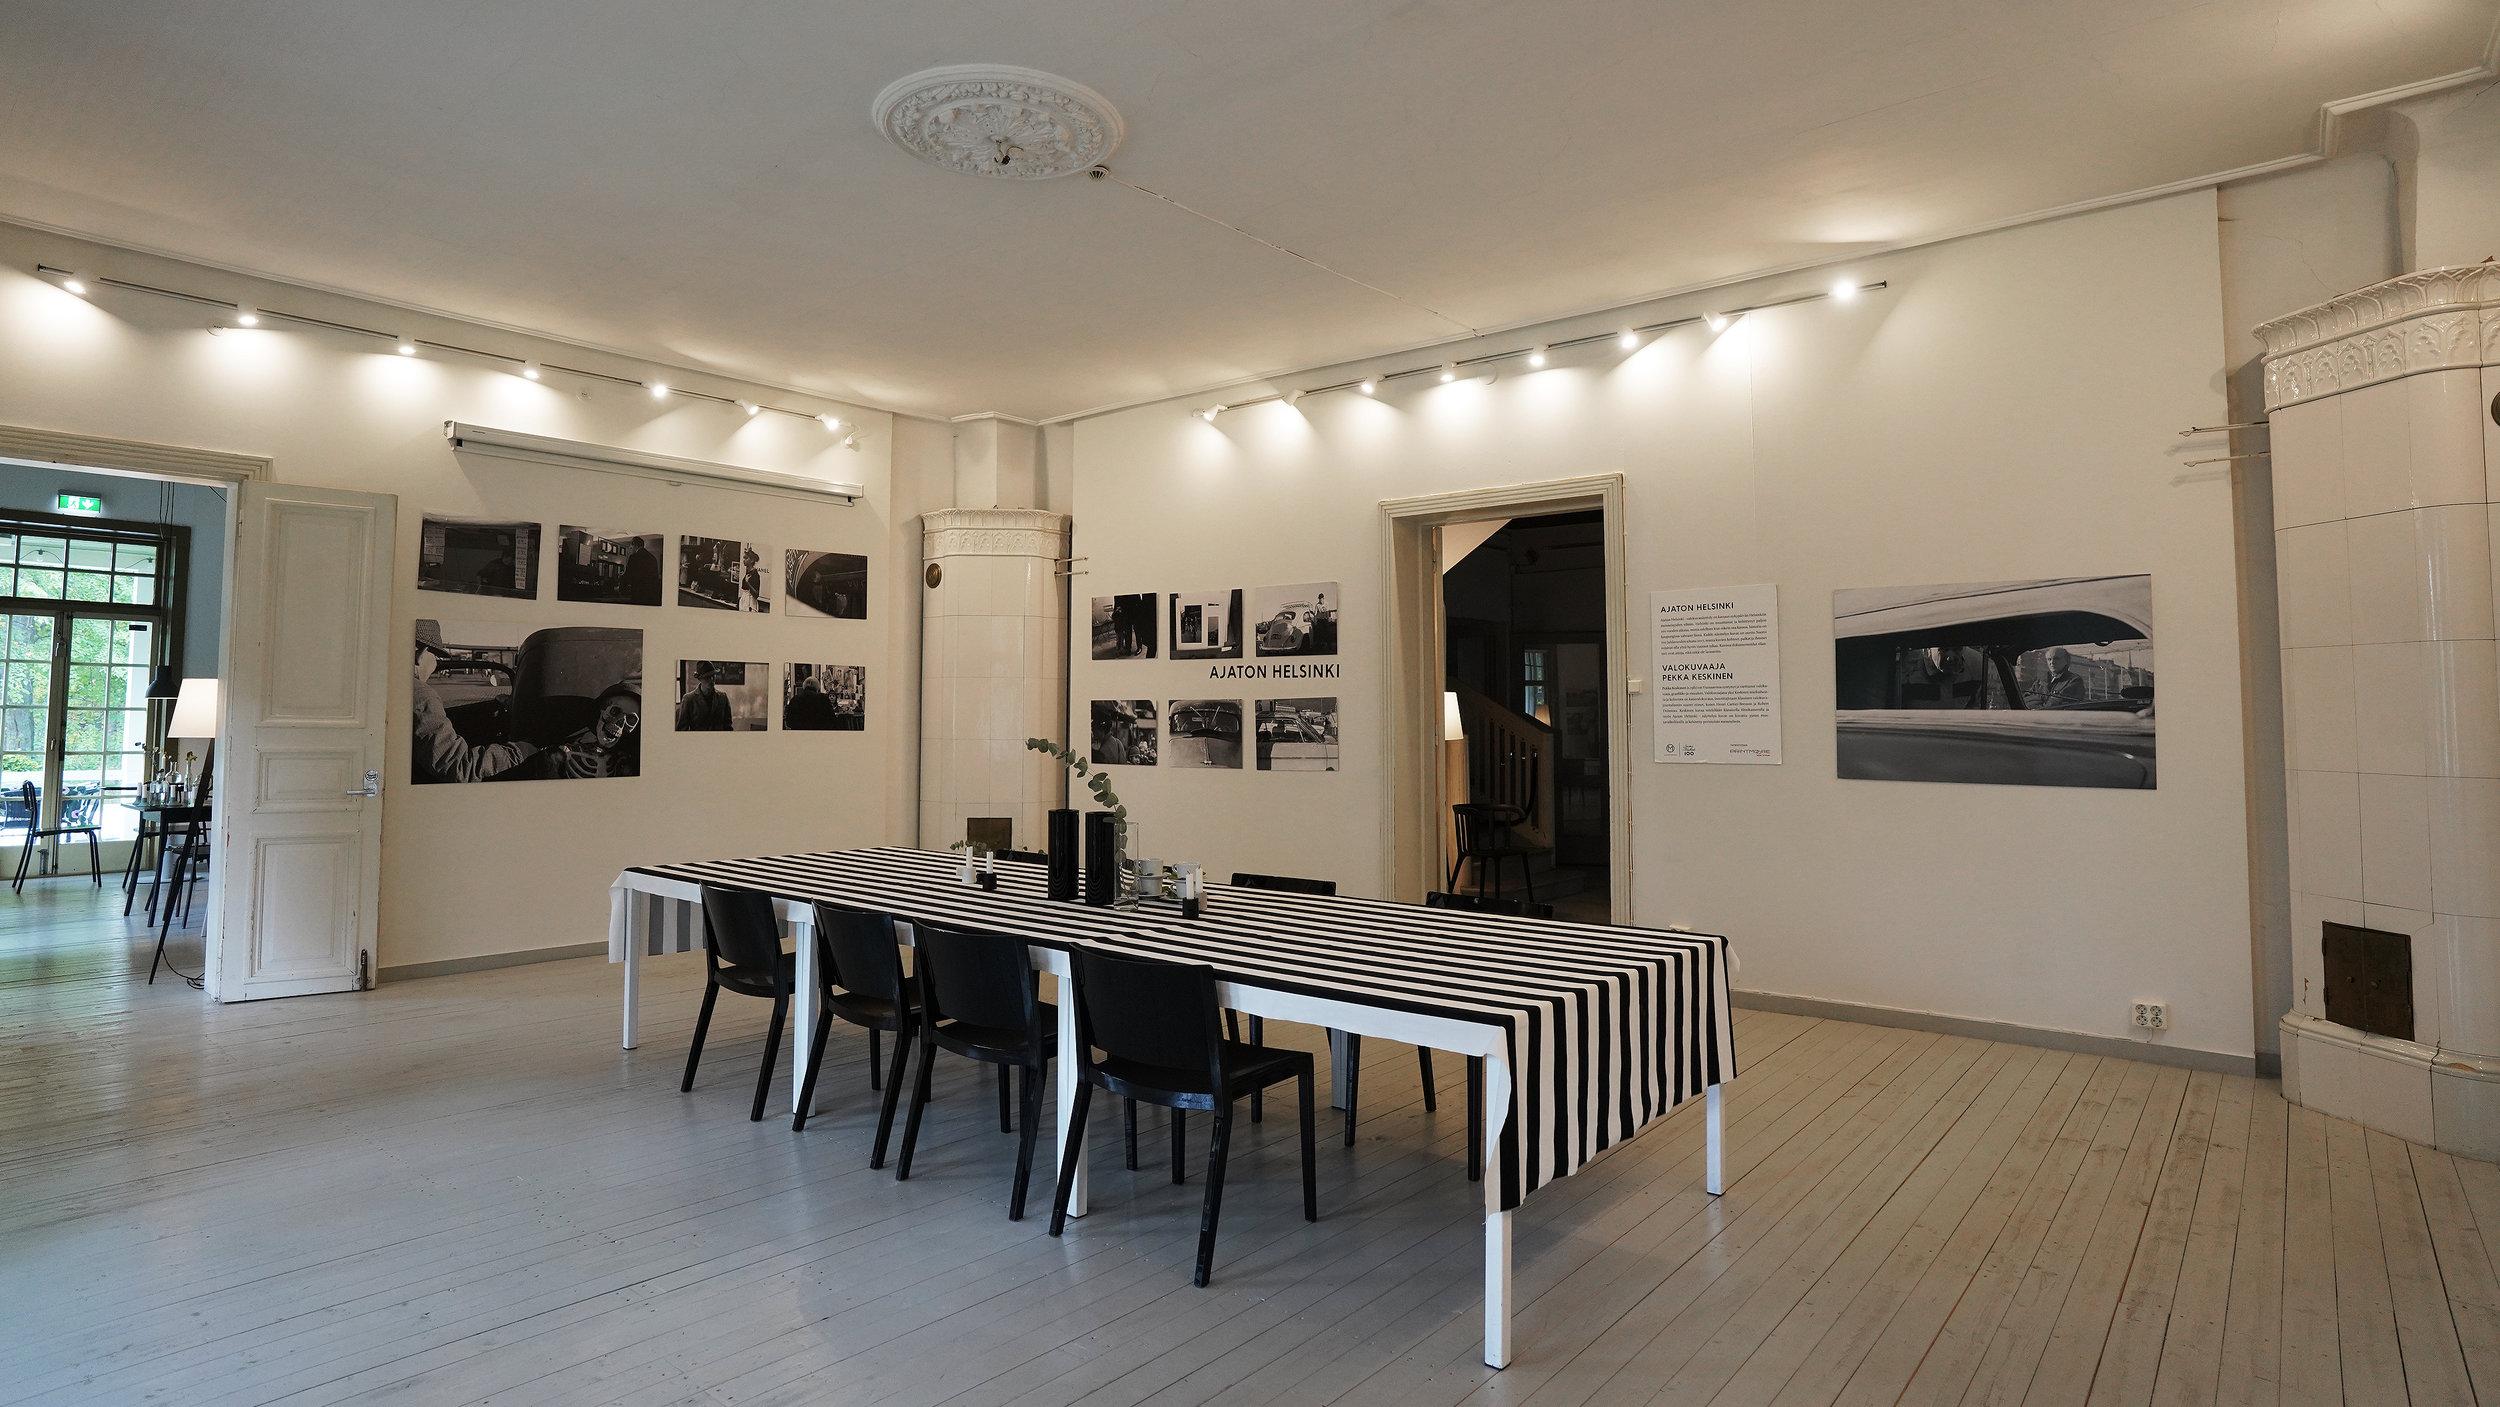 Cafe Monami - Galleria